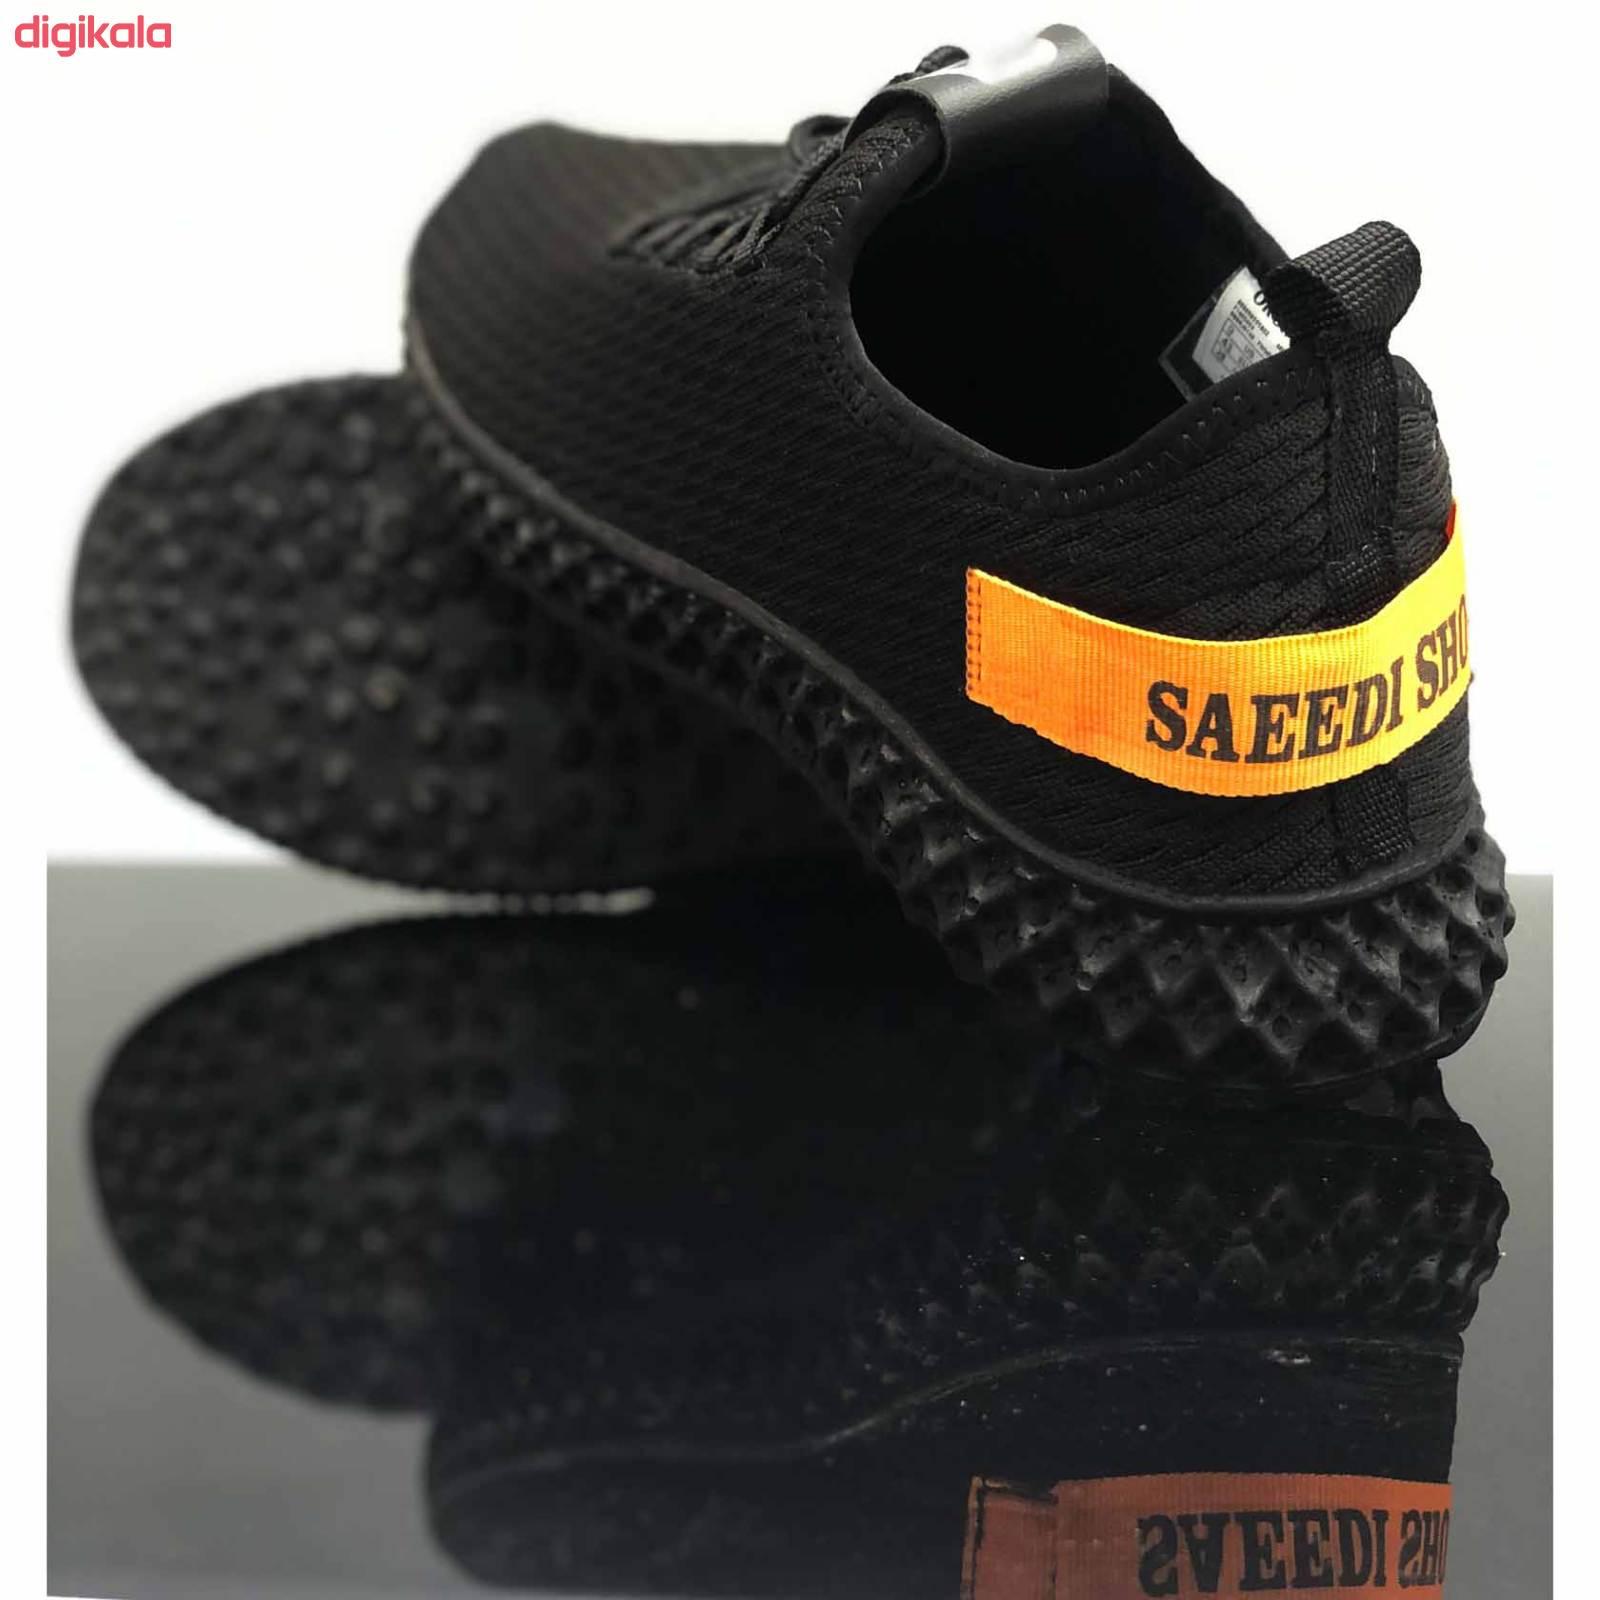 کفش مخصوص پیاده روی سعیدی کد Sa 304 main 1 1